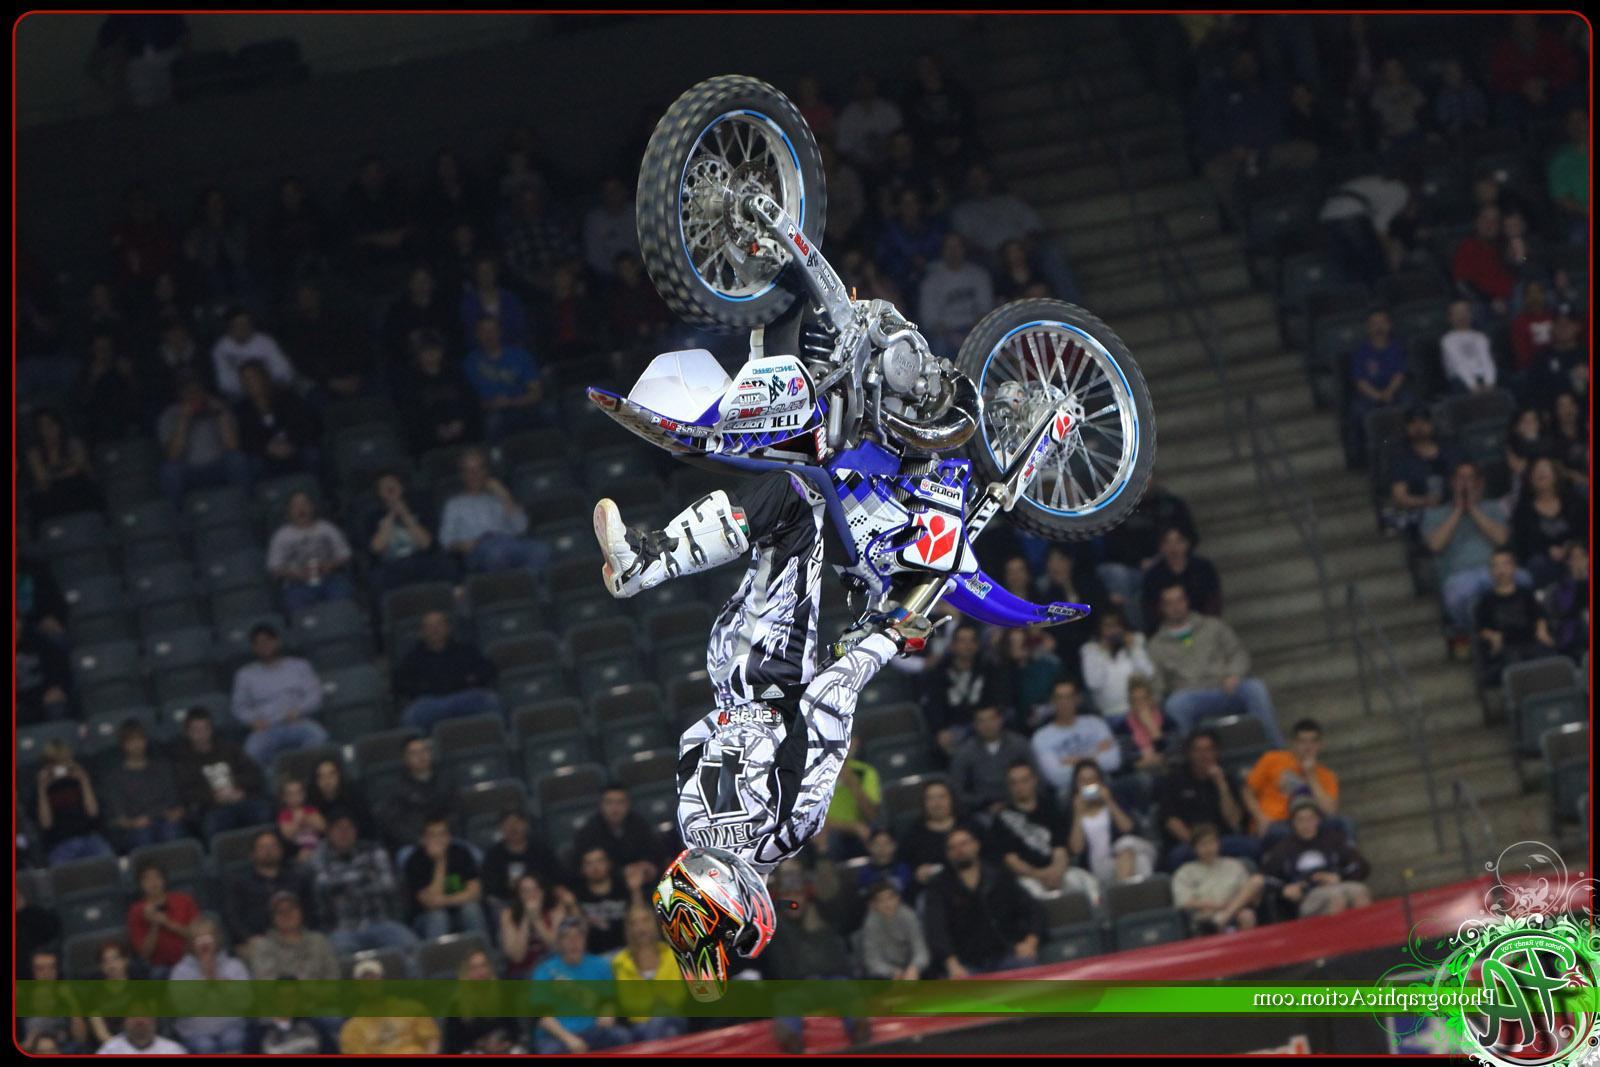 Pro Motocross Photos 2011